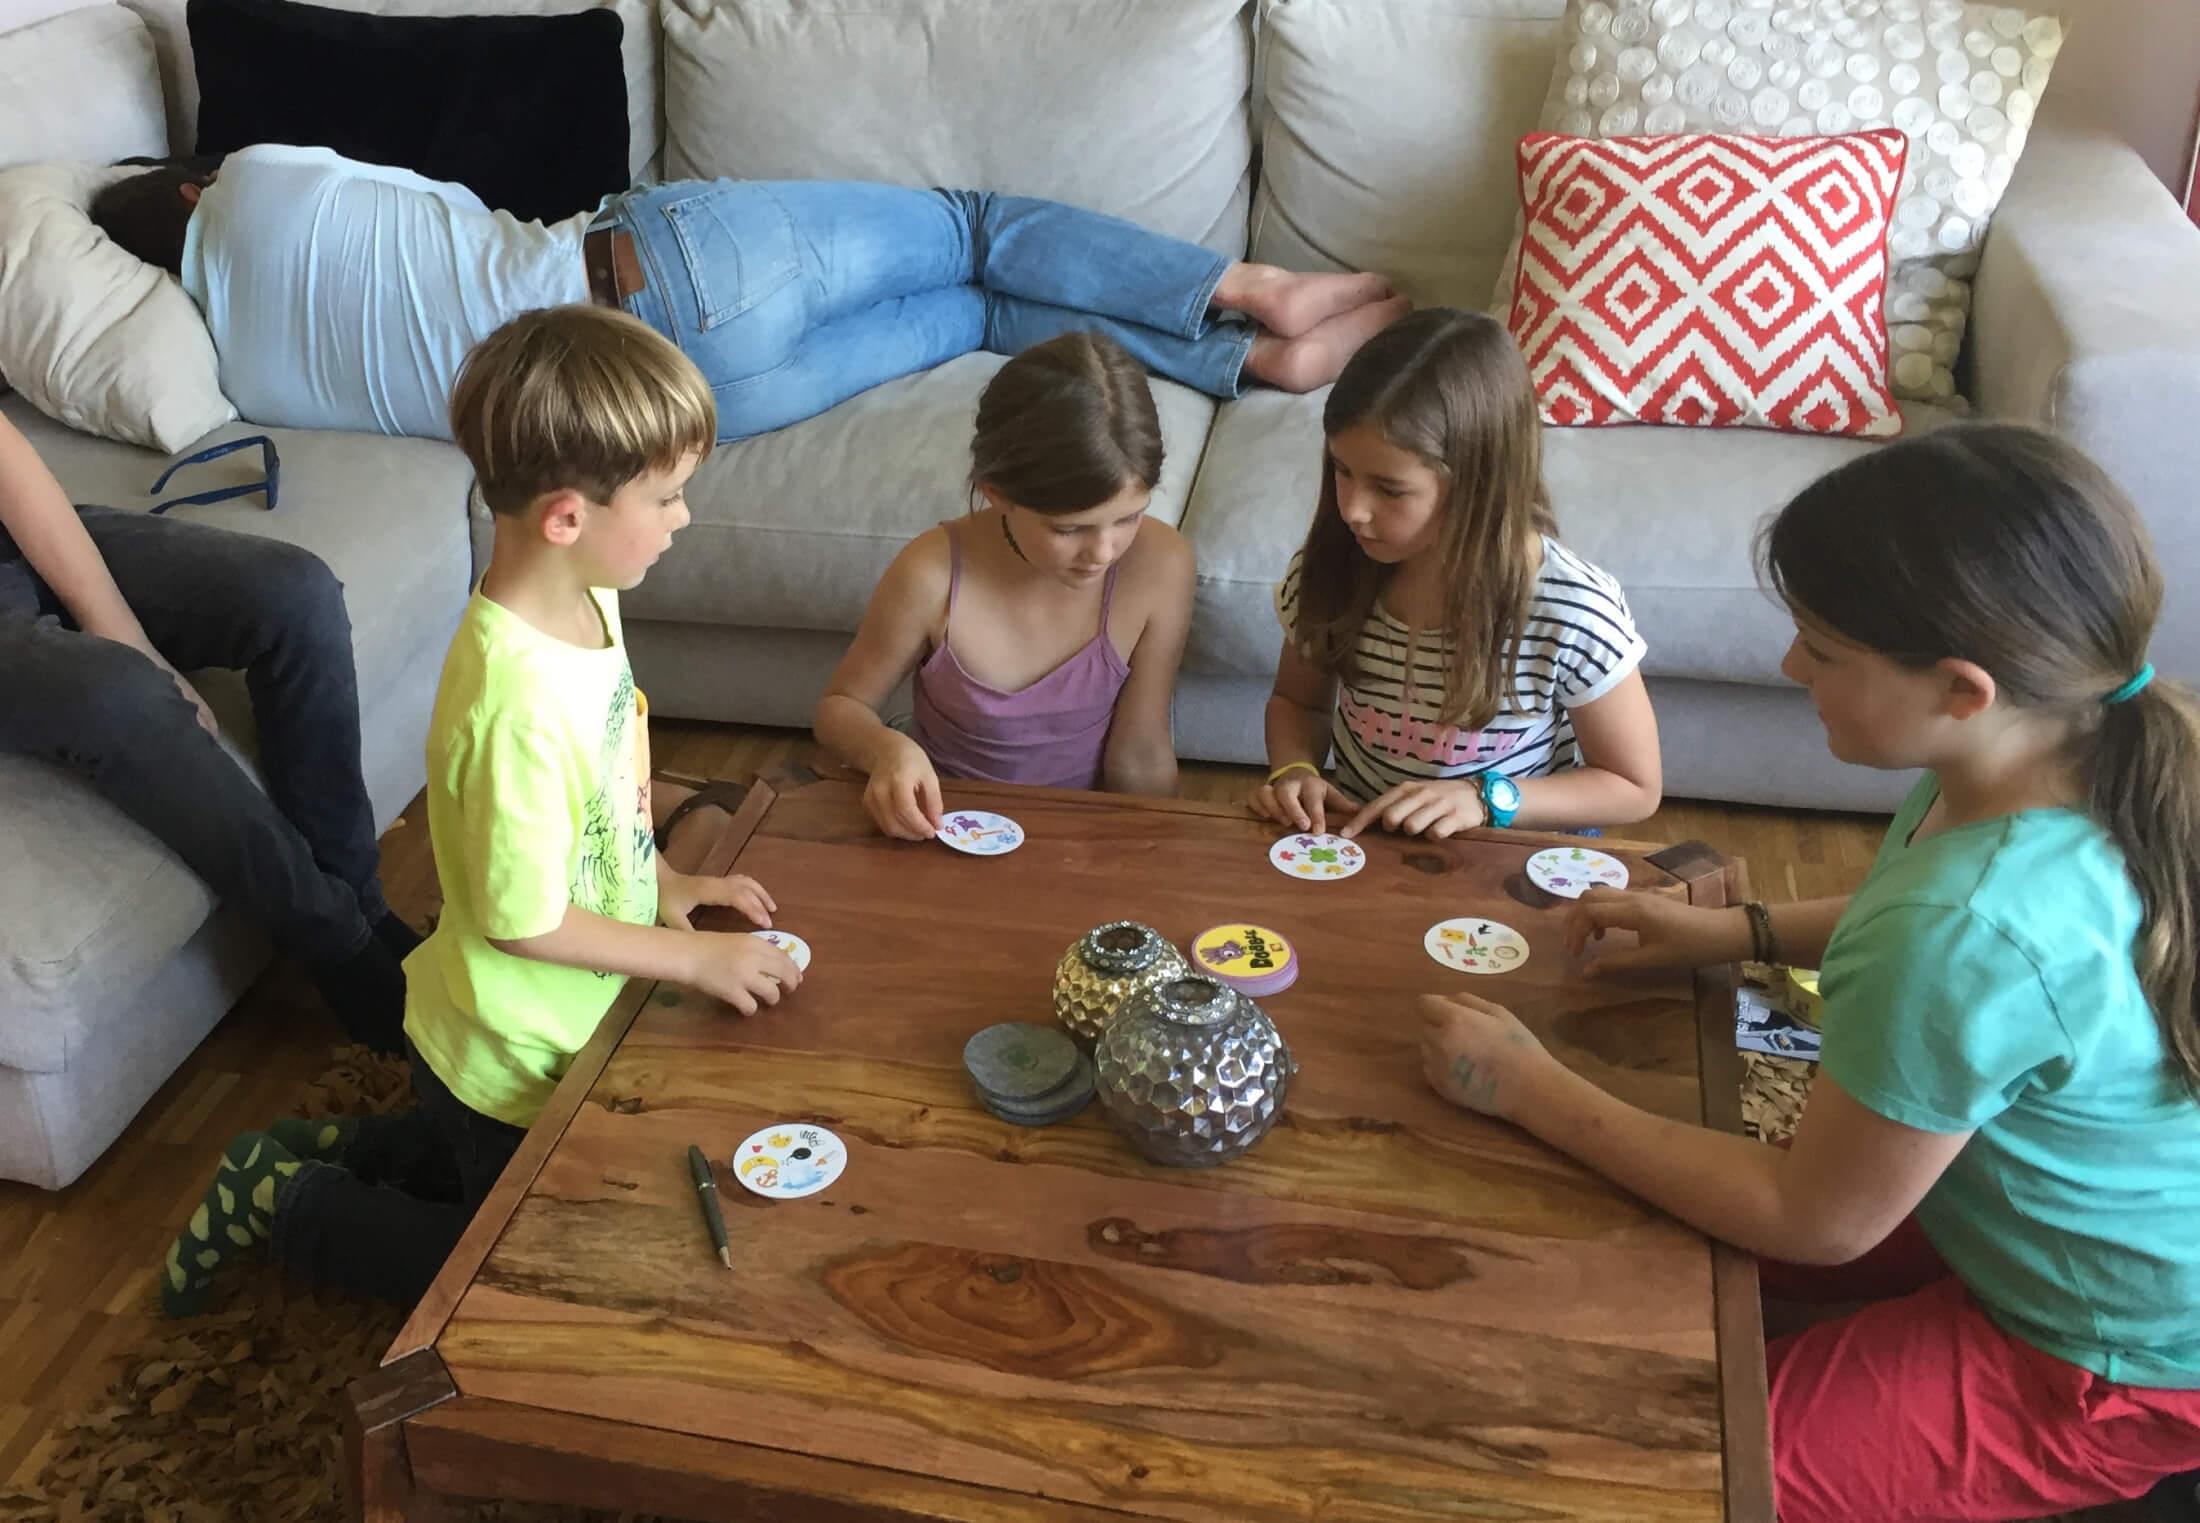 Die Kinder spielen friedlich - da können die Grossen sogar ein Nickerchen machen